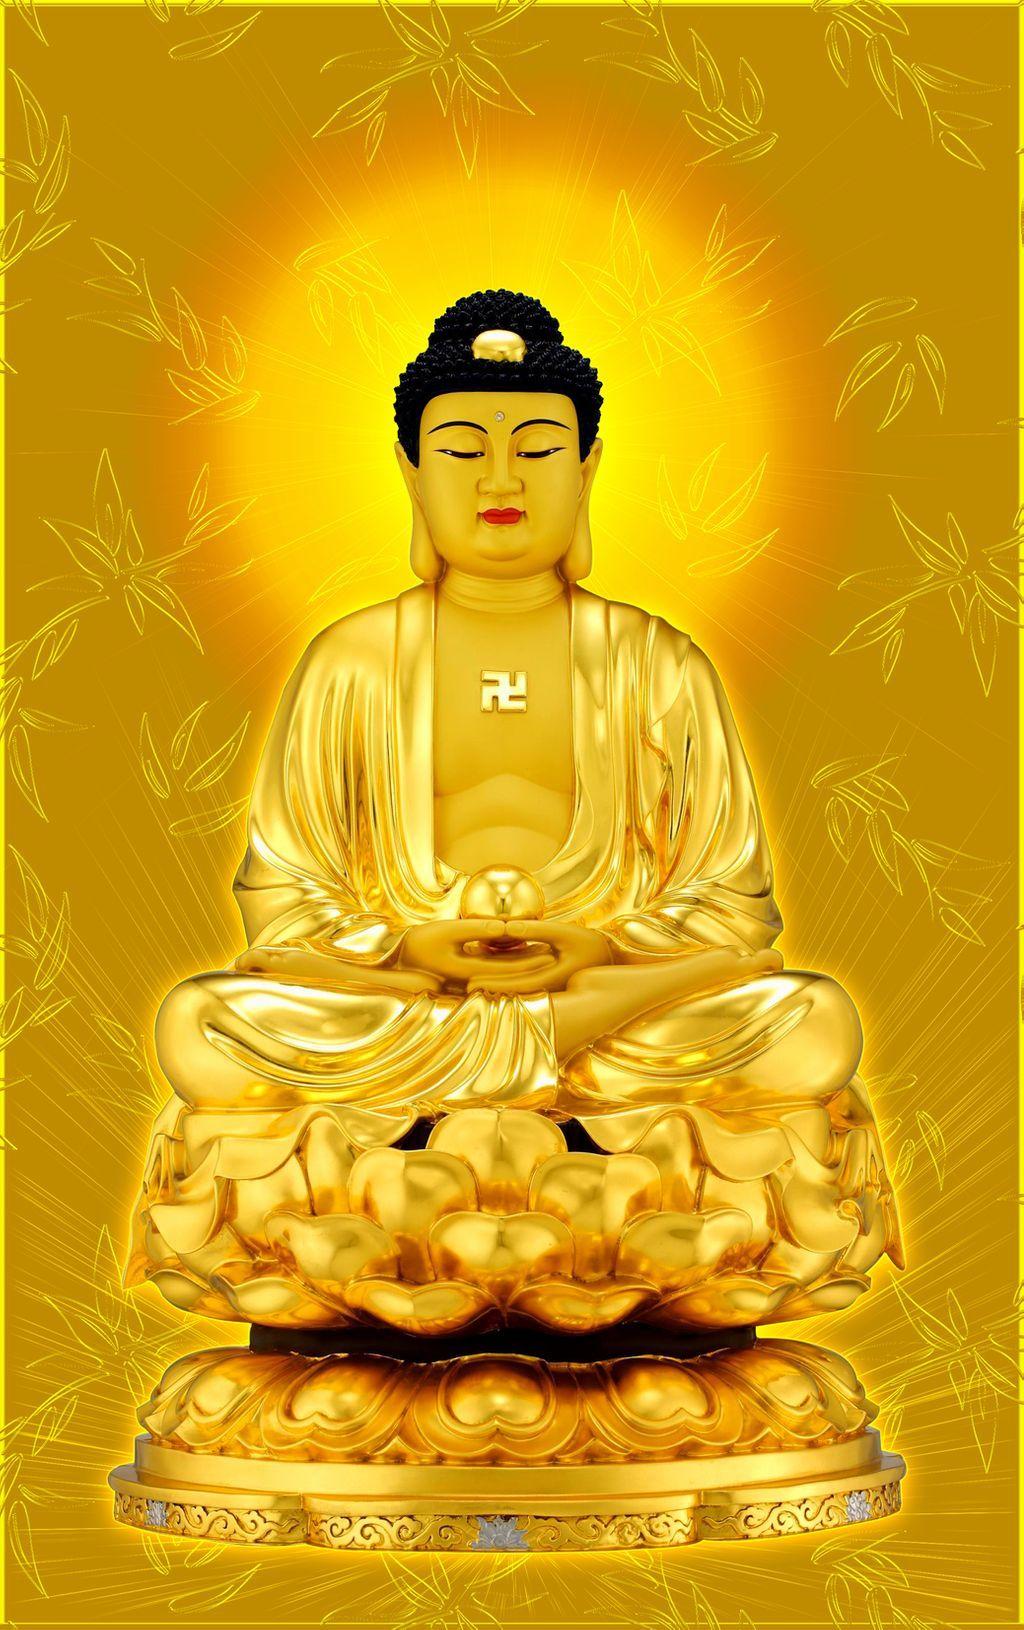 A Di Da Phat Quan The Am Guanyin Buddha 986 By Kwanyinbuddha On Deviantart In 2020 Guanyin Buddha Image Buddhist Art